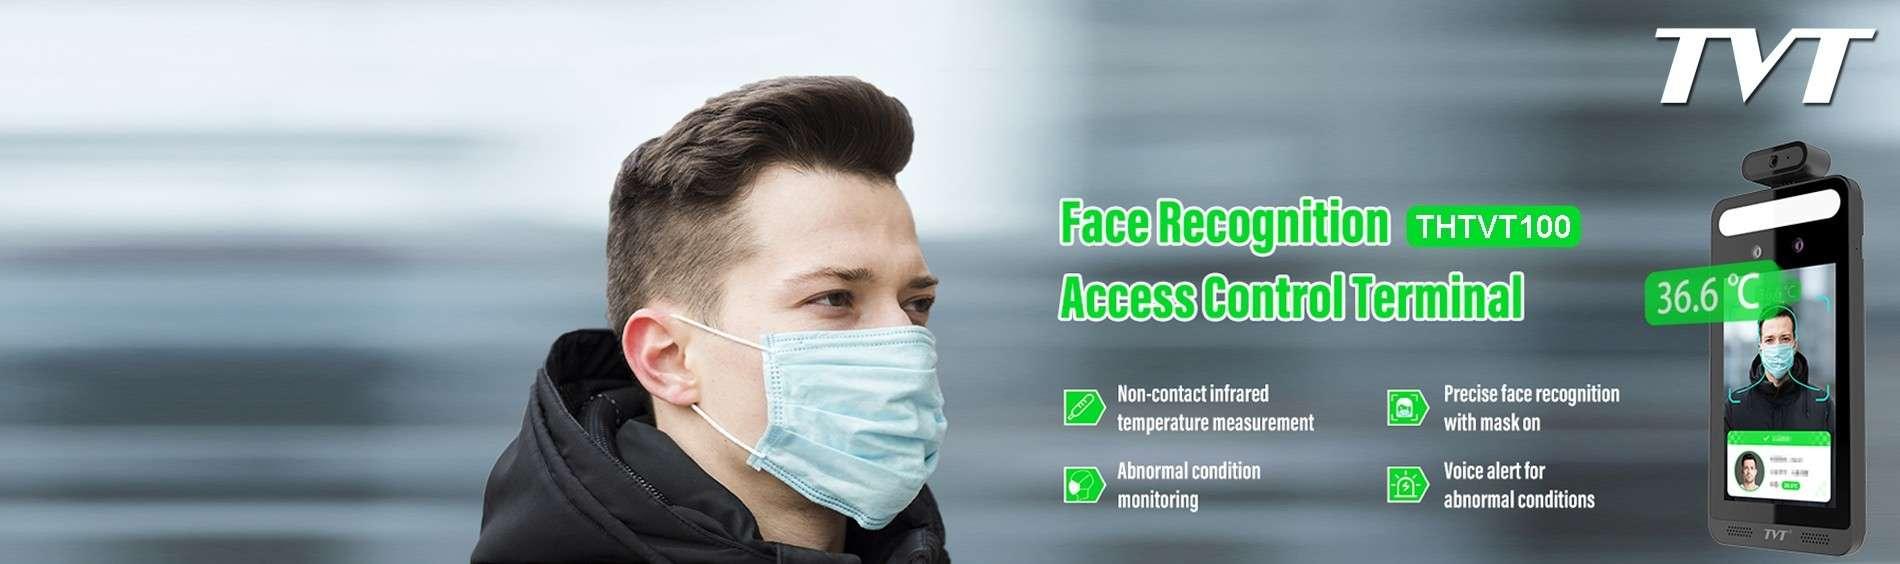 Reconnaissance faciale, détection de masque, mesure de la température, ...